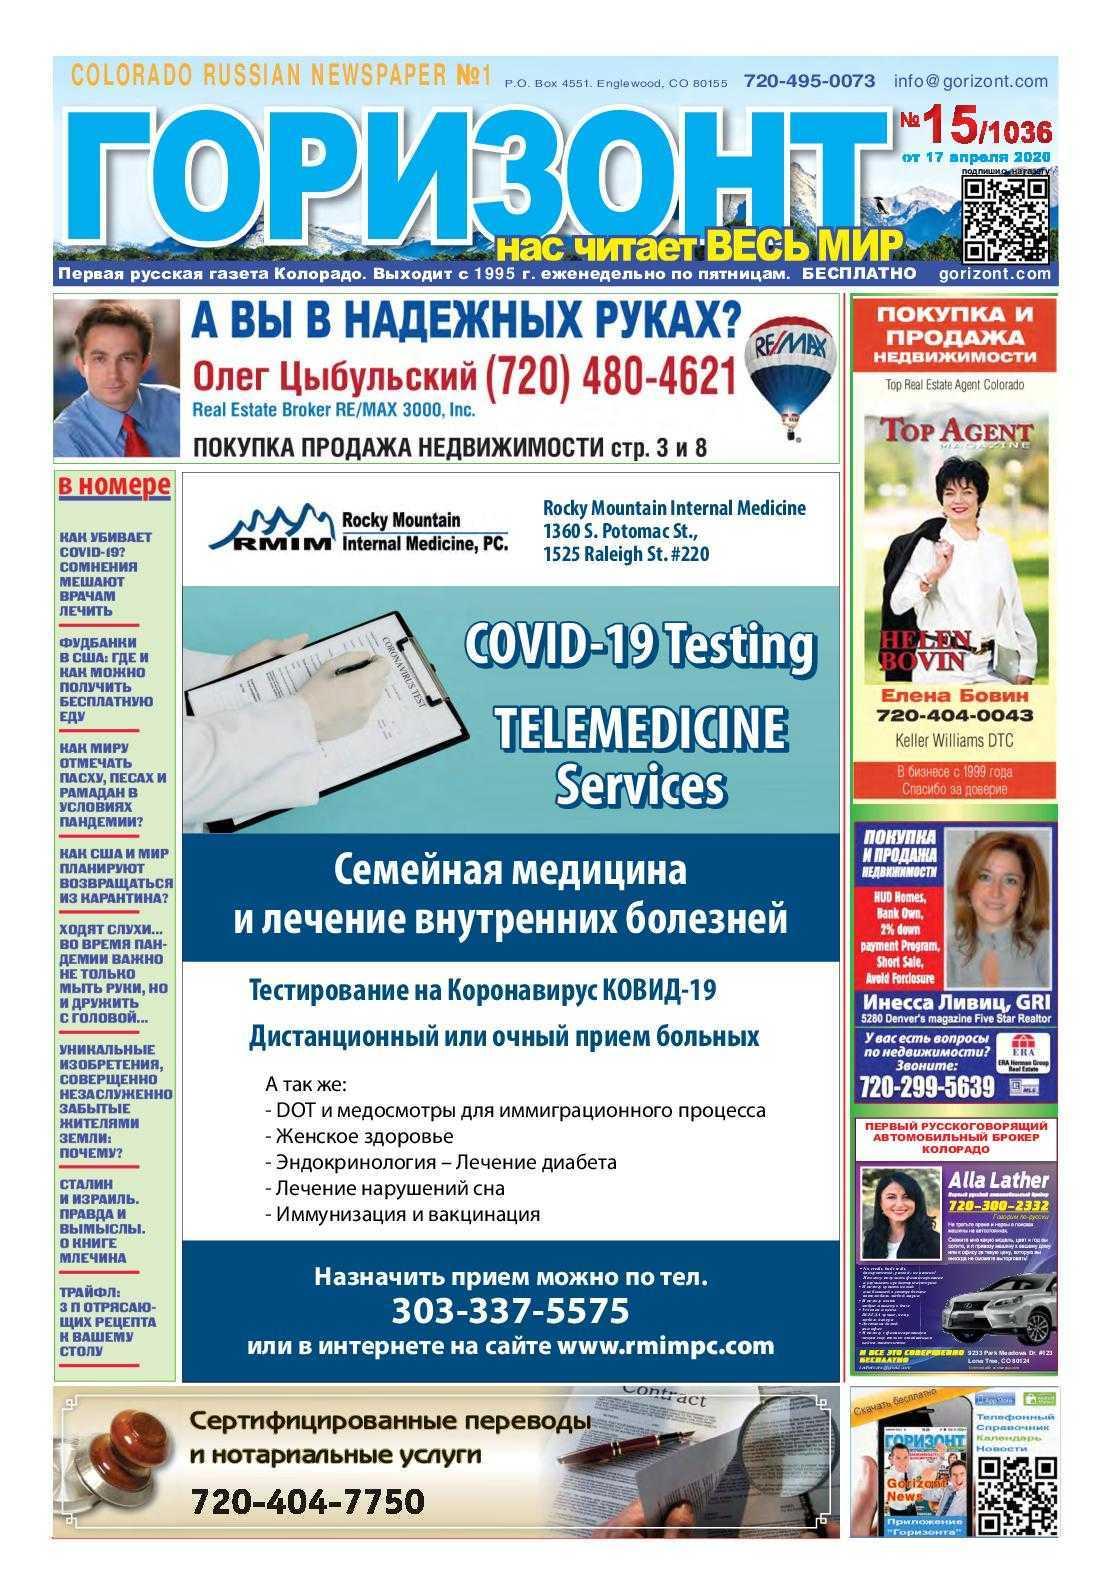 支票大写系列MDV 04. 白俄罗斯的彩票